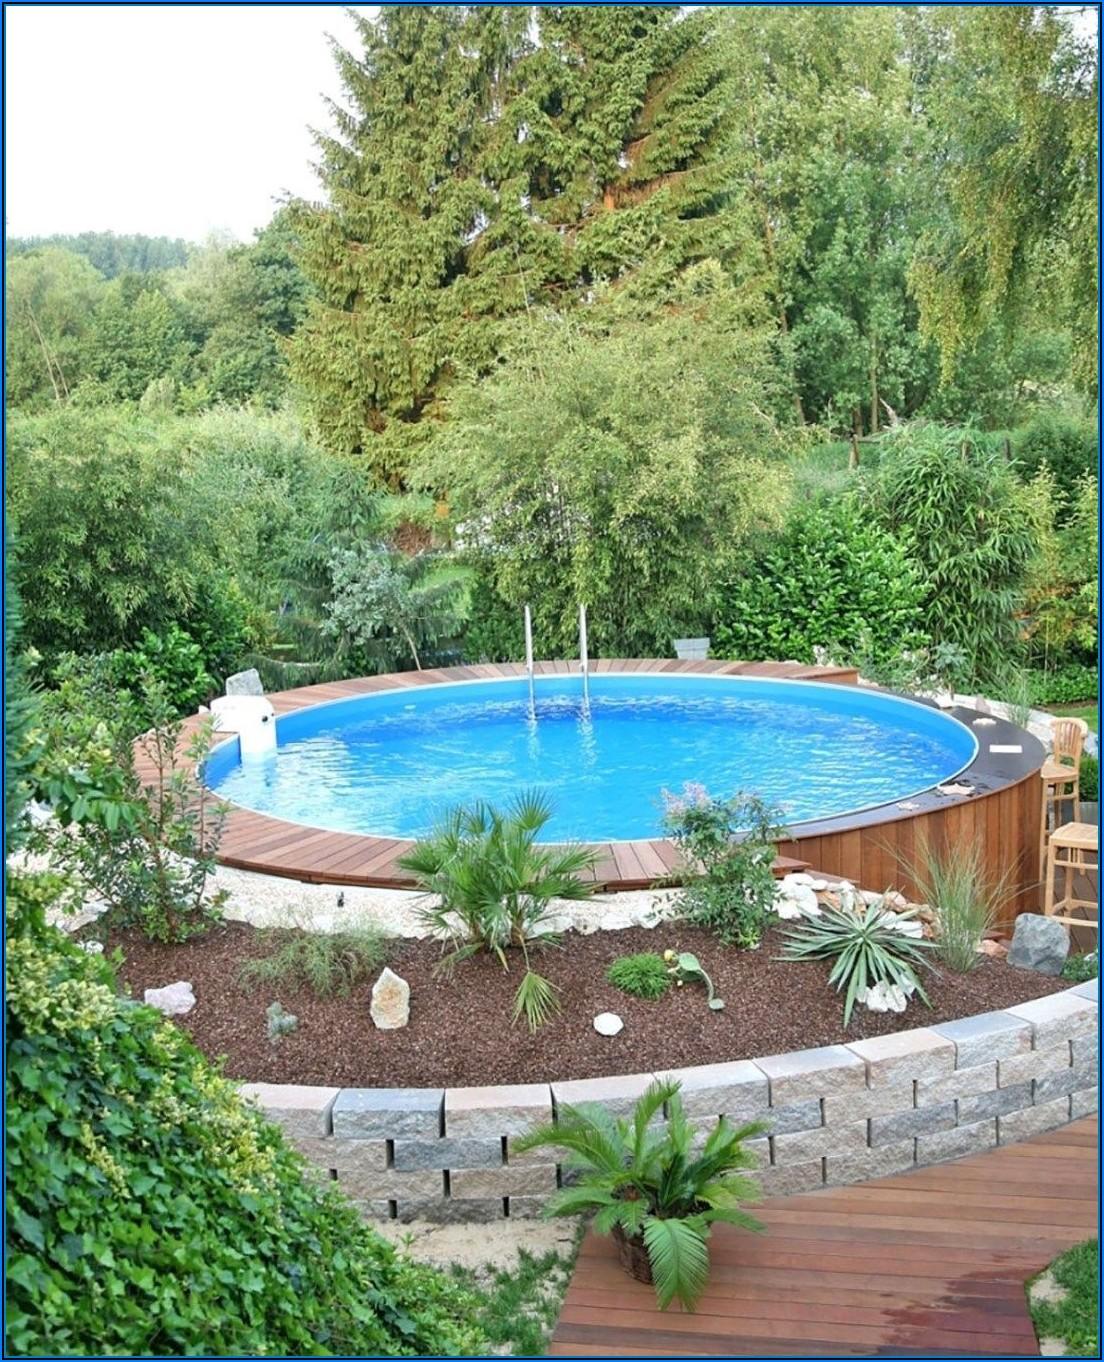 Kleiner Pool In Terrasse Integriert